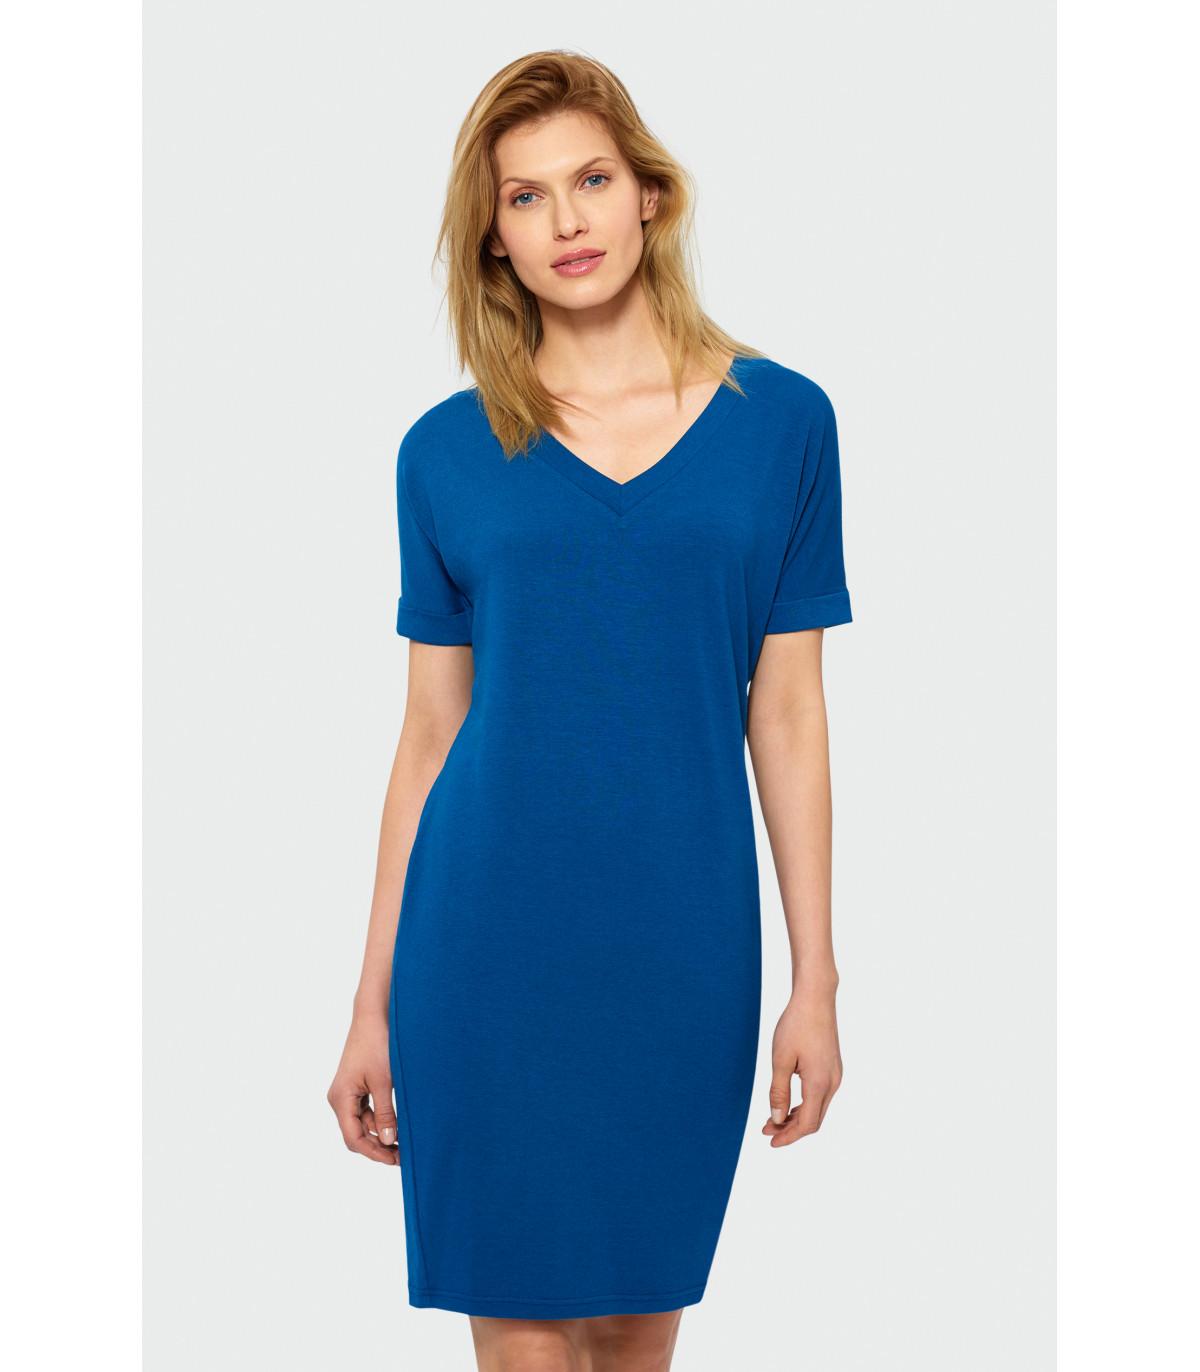 2177b63c04 Sukienka z dekoltem w szpic Rozmiar 36 Kolor S19BLSTE